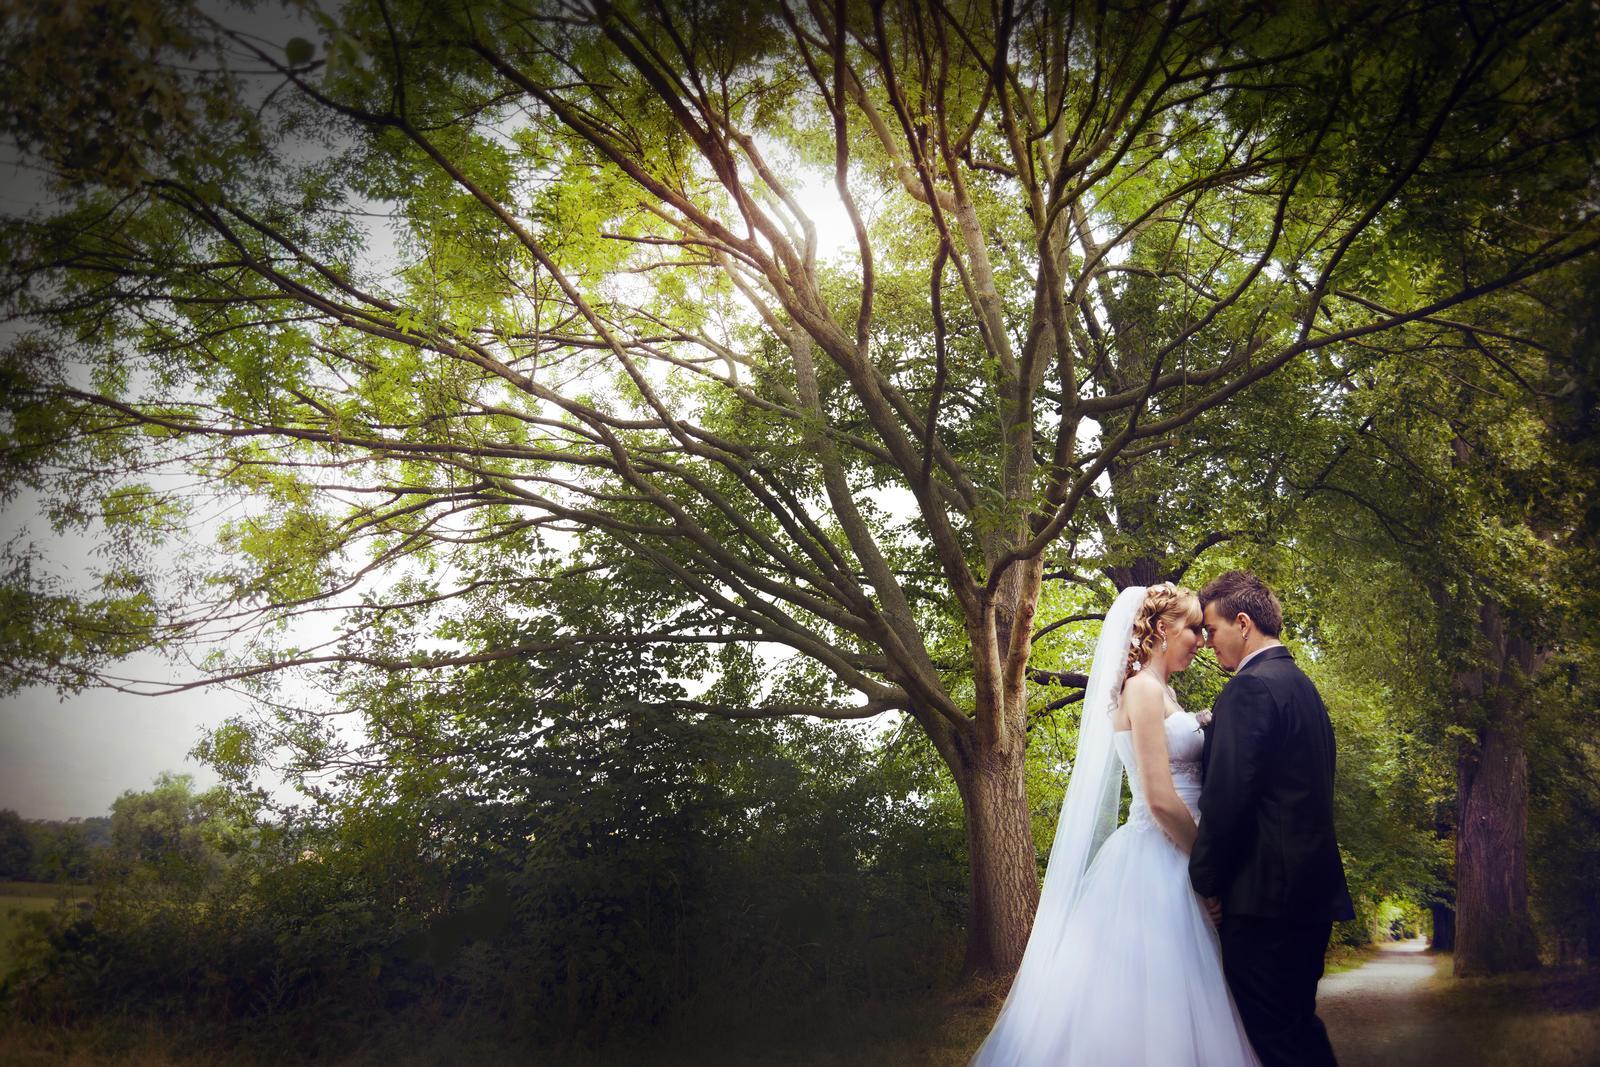 Svatební fotograf Karel Královec - kralovecphoto - Obrázek č. 41